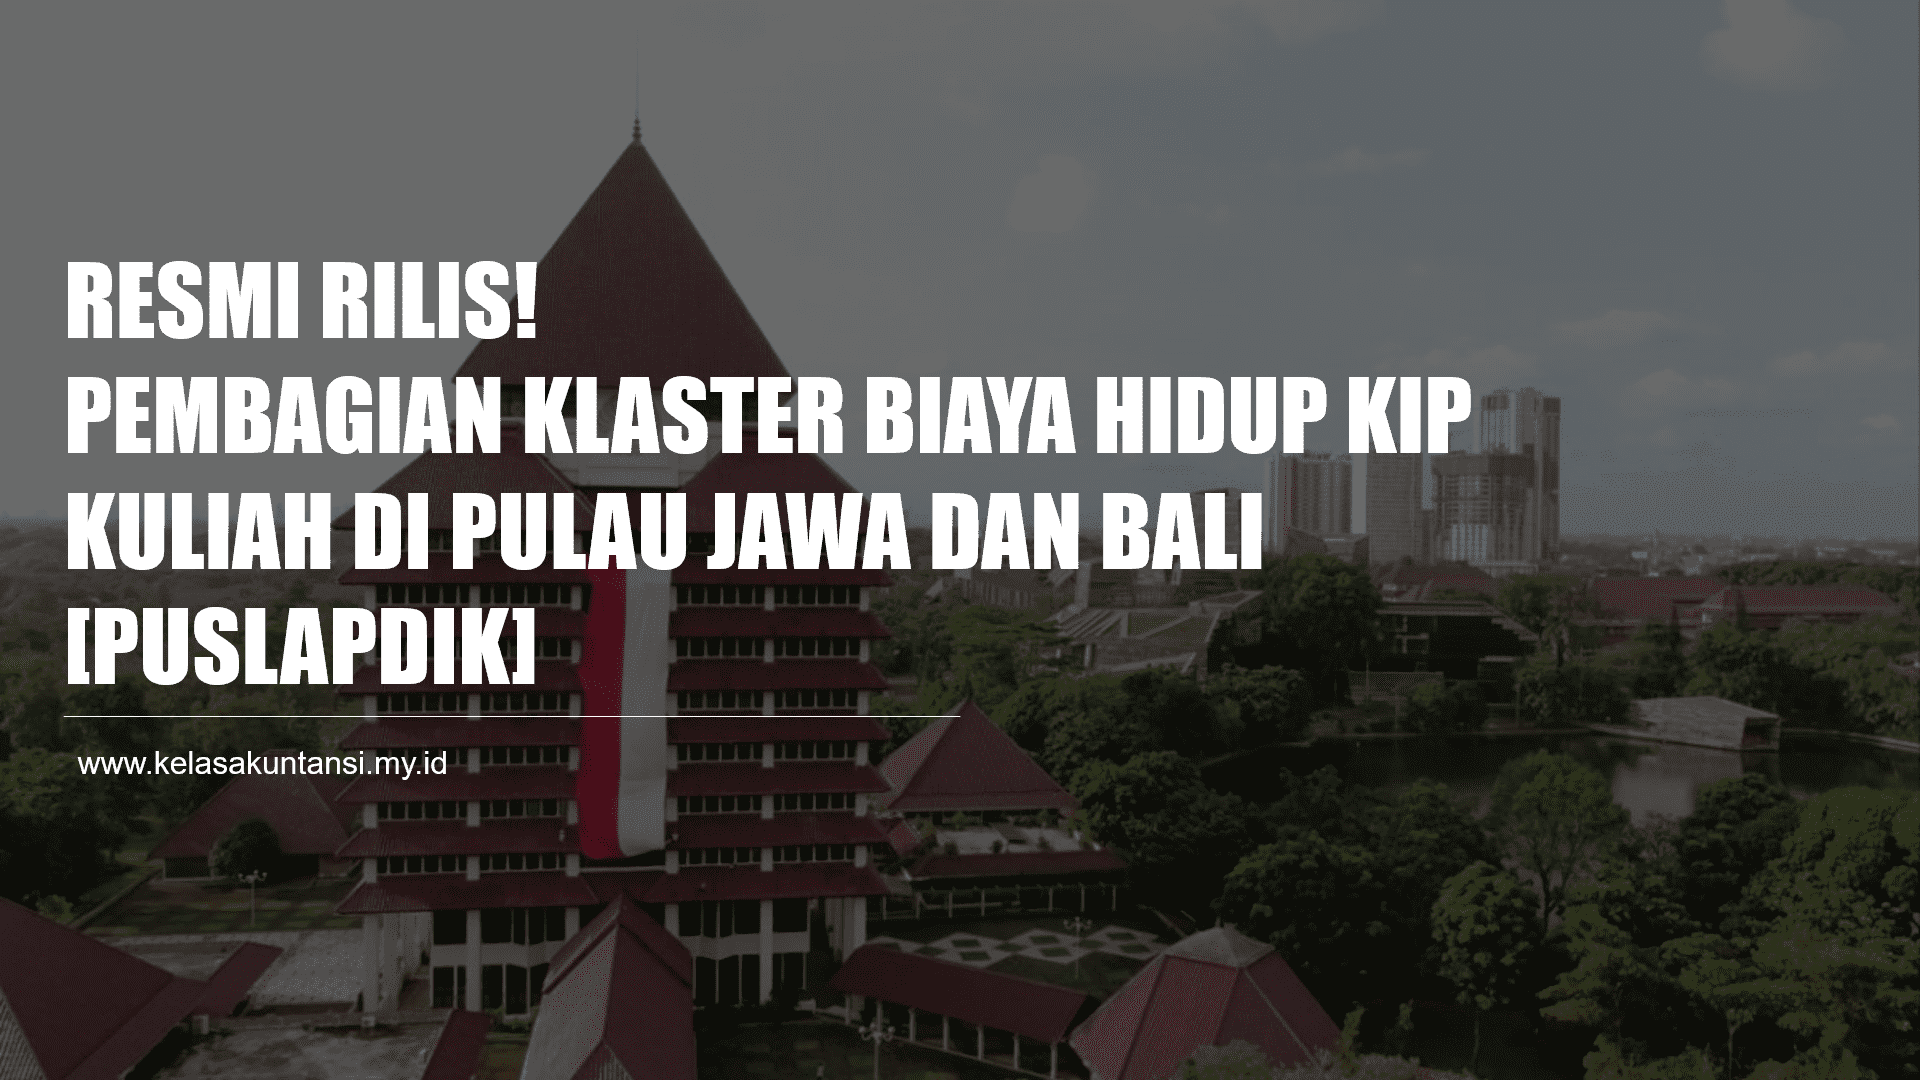 Pembagian Klaster Biaya Hidup KIP Kuliah 2021 di Pulau Jawa dan Bali [Puslapdik]